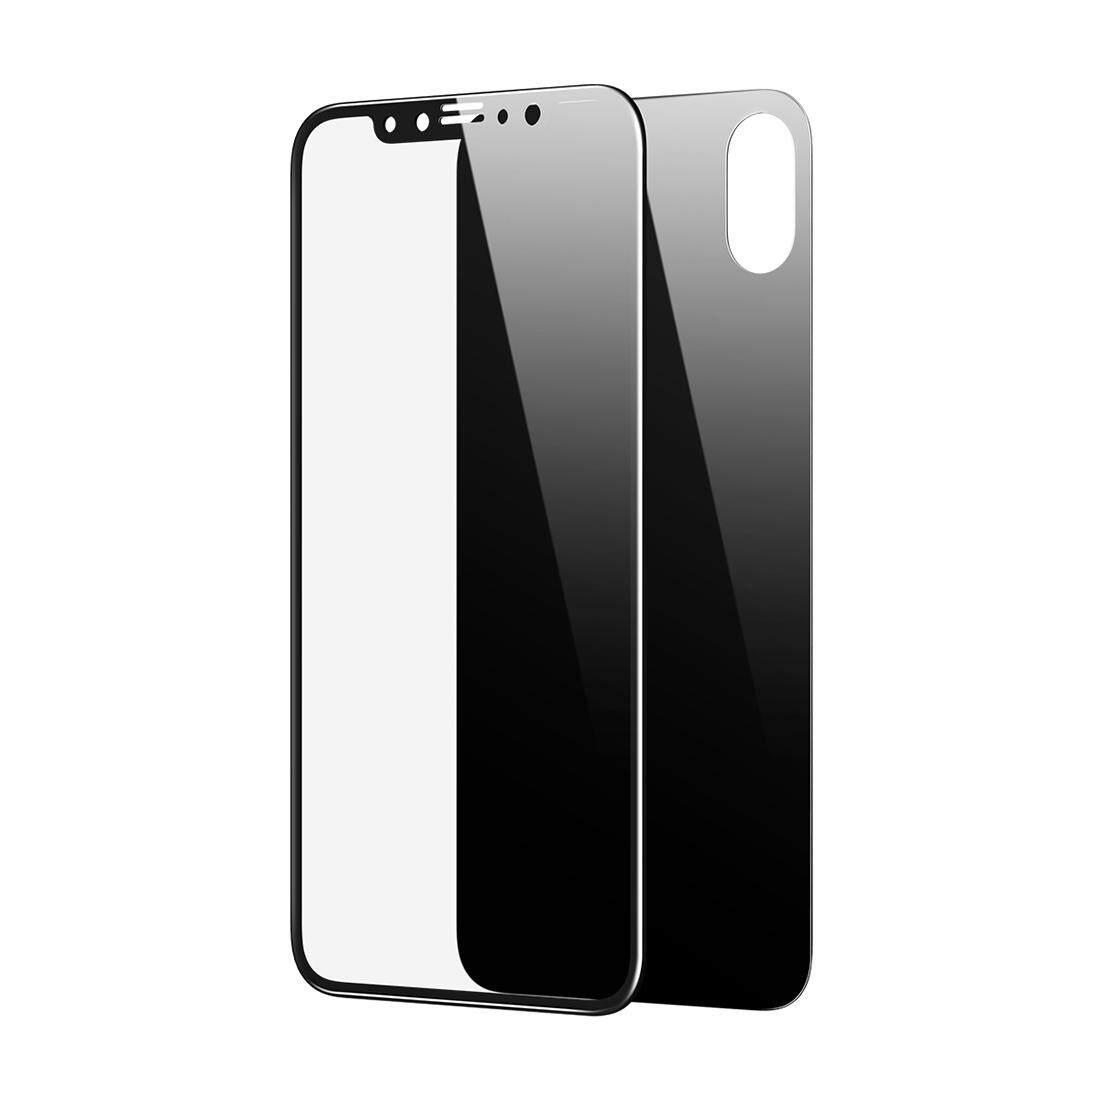 BASEUS untuk iPhone X Anti-Gores 2 Dalam 1 0.2 Mm Depan + 0.3 Mm